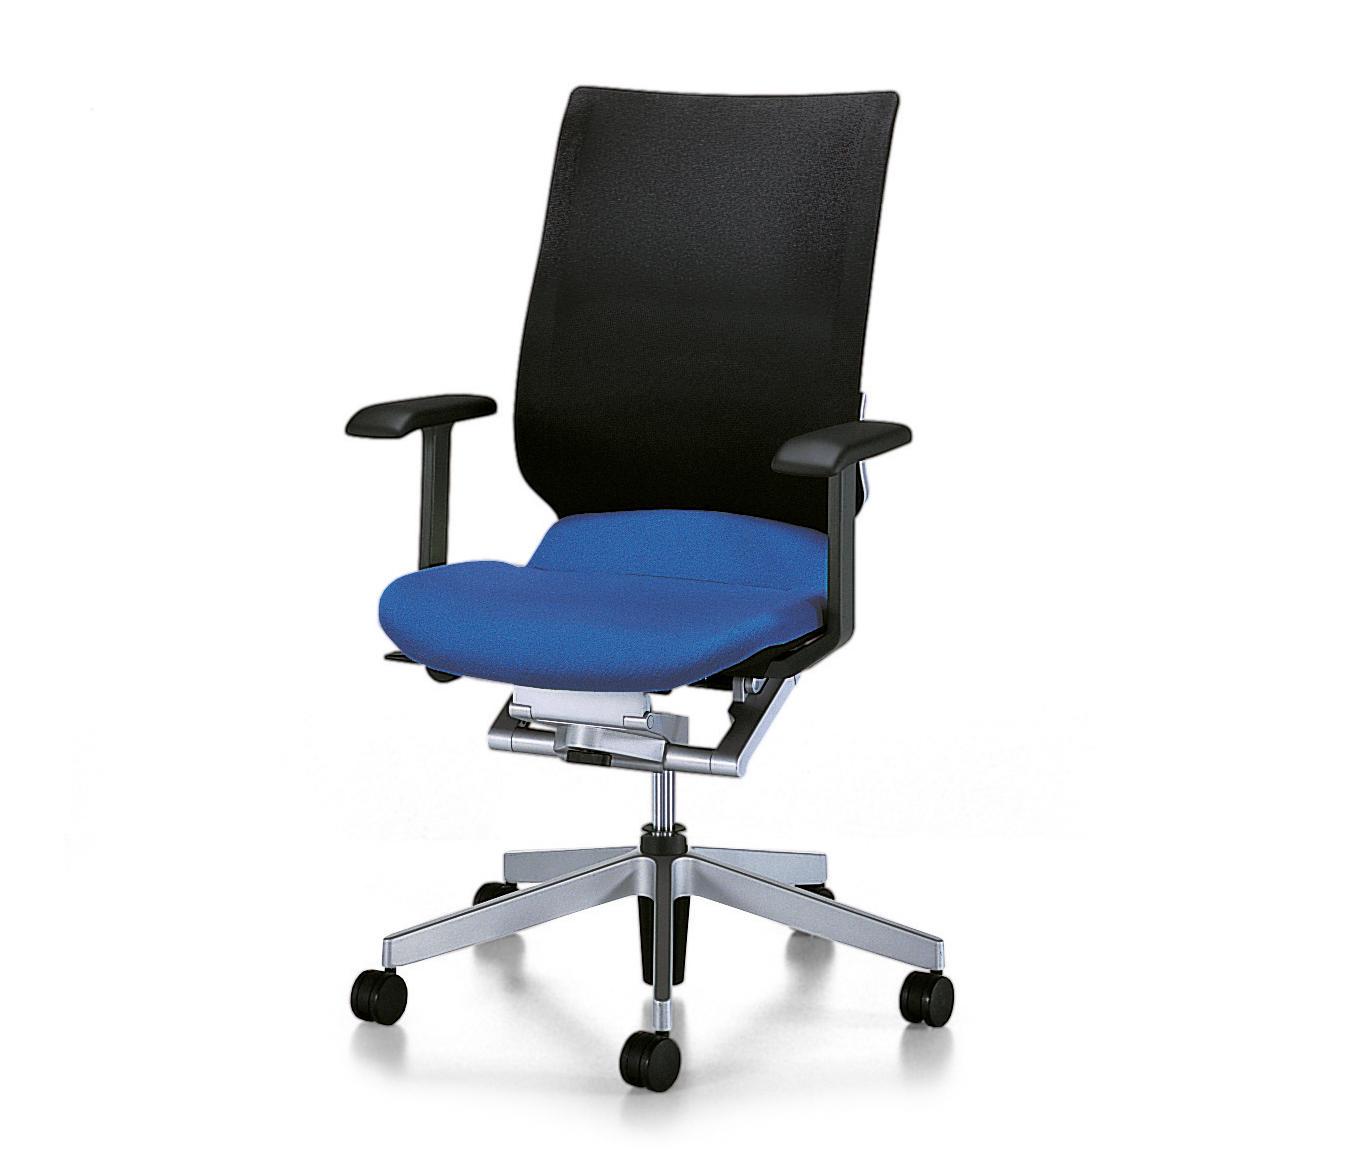 Agata a chaises de travail de kokuyo architonic for Chaise de travail